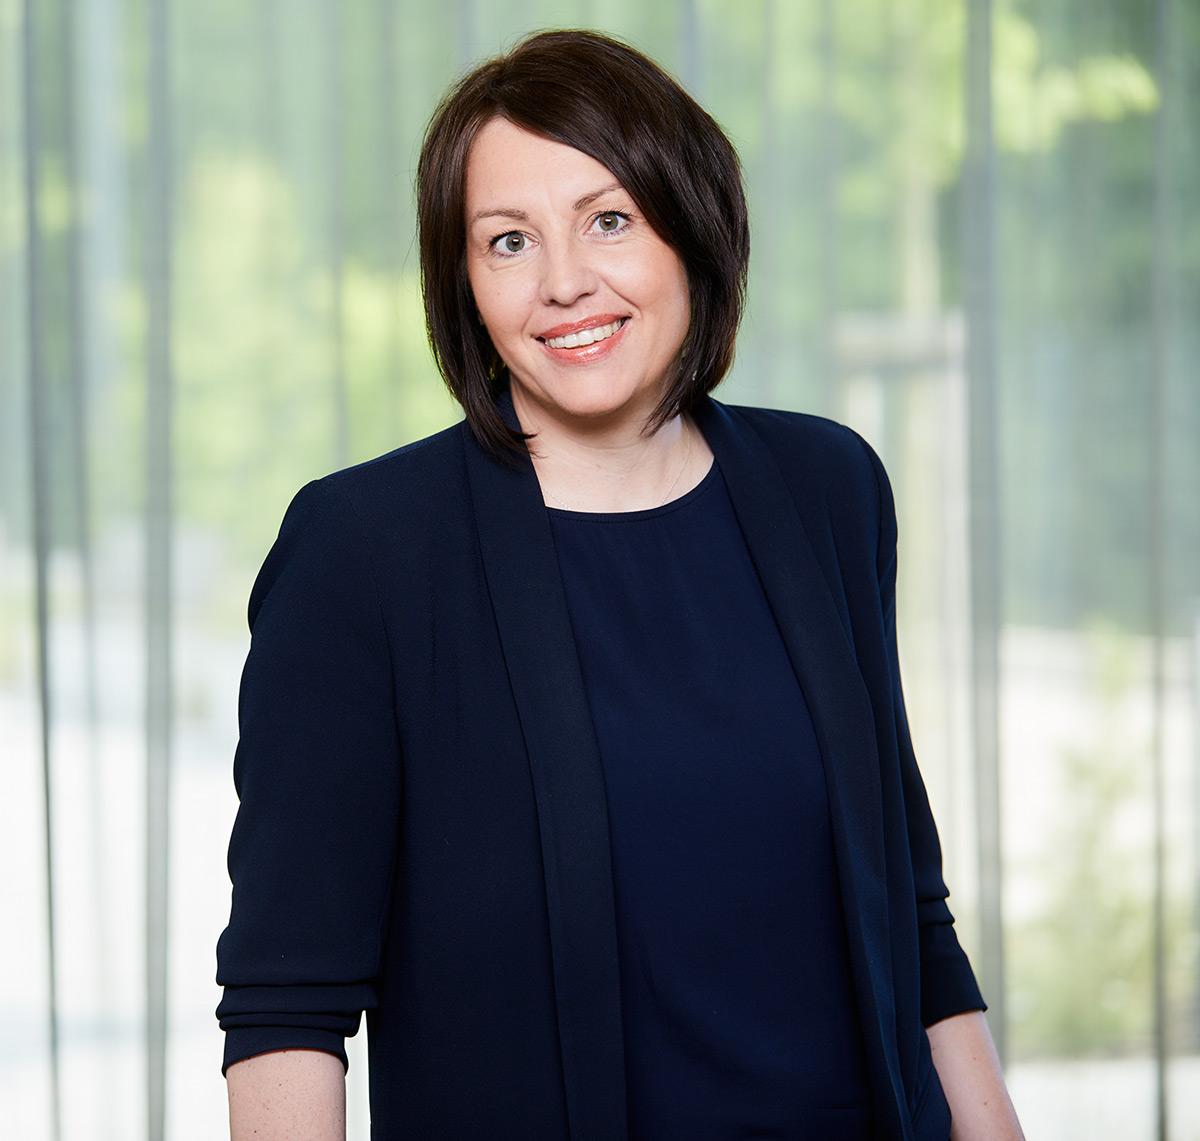 Sandra Buschsieweke